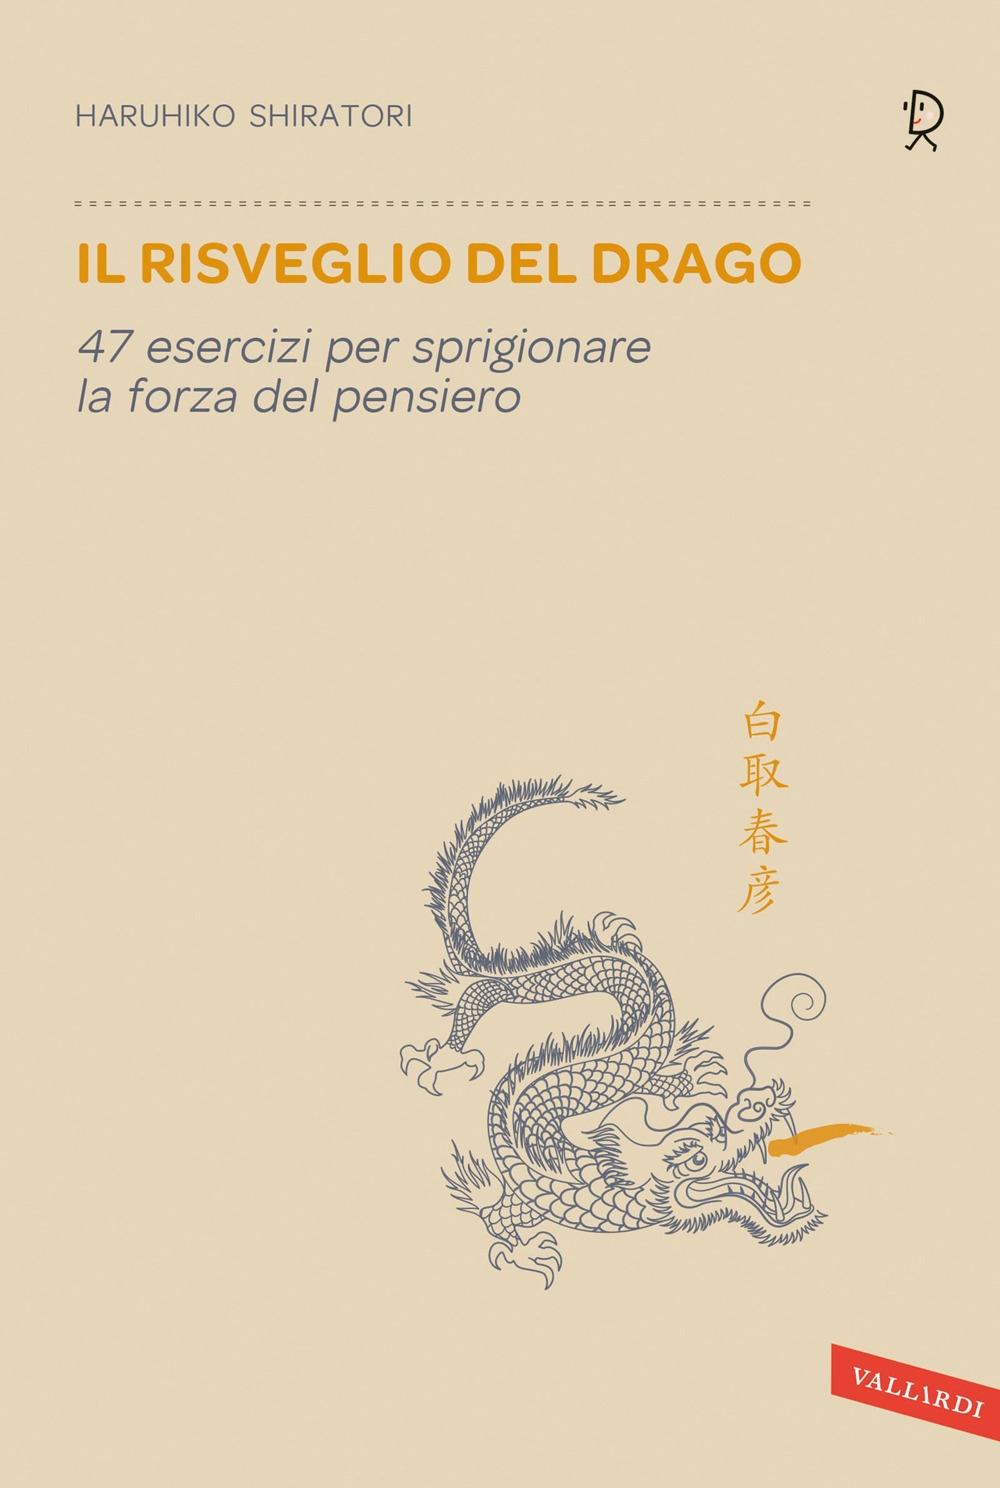 Il risveglio del drago. 47 esercizi per sprigionare la forza del pensiero